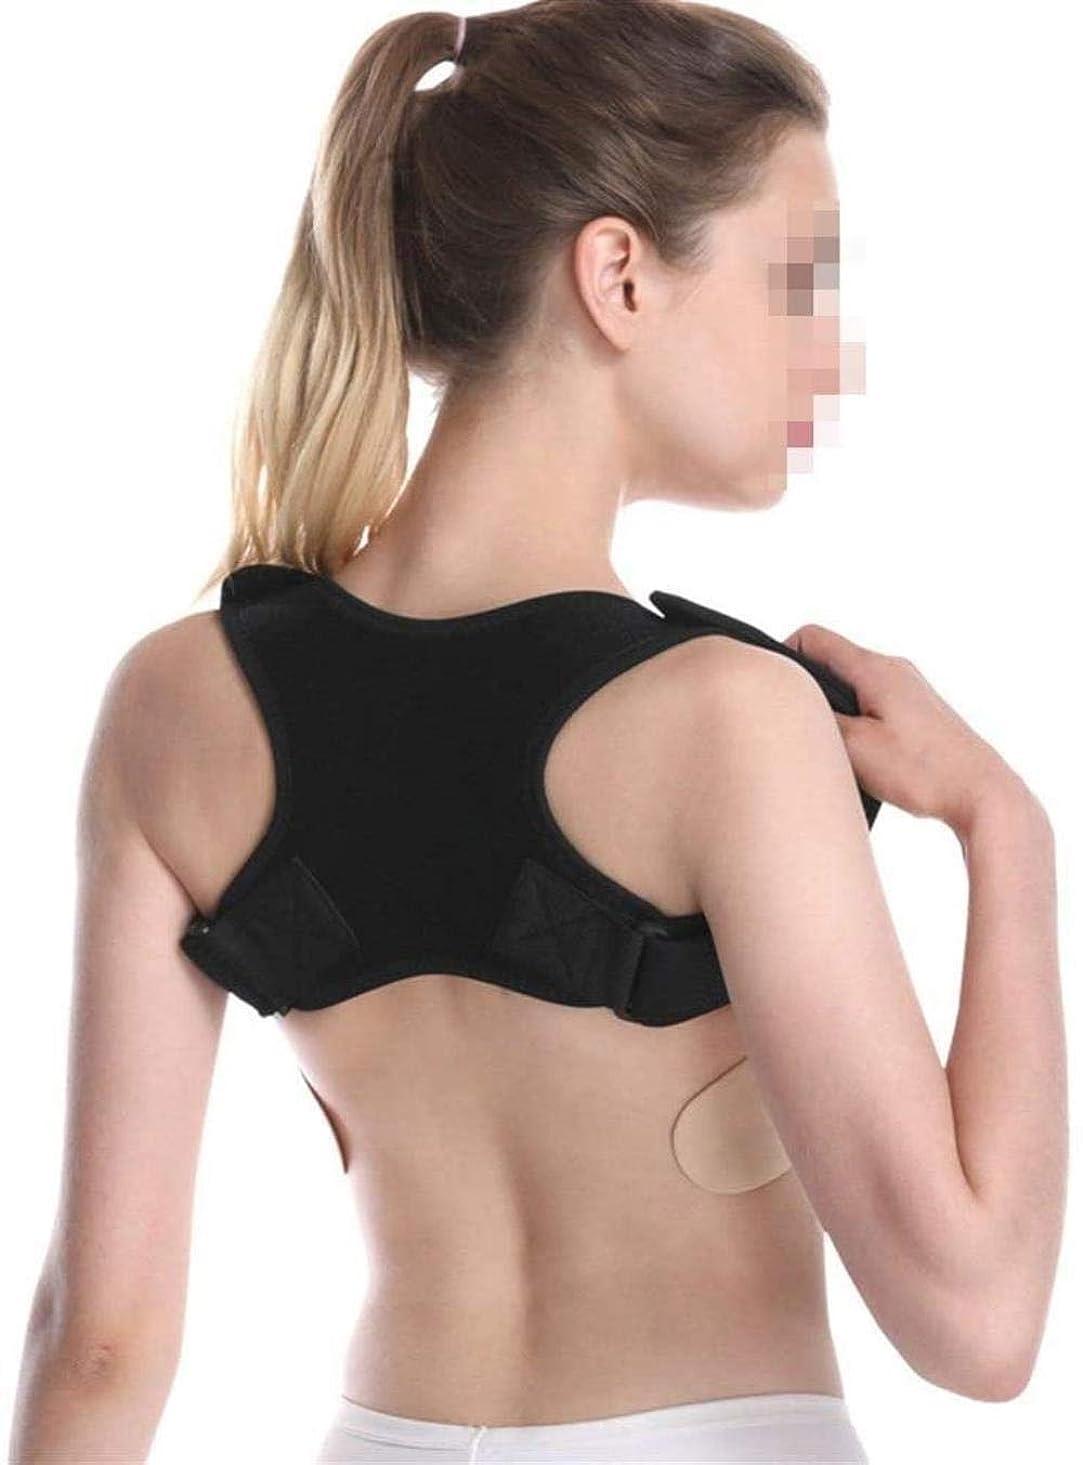 電話集まる同級生中かっこ 脊柱側弯症の痛みを軽減するアッパー背中と肩の姿勢サスペンダー鎖骨サポートサポート最適なサポート 座位装具 (Color : Black)